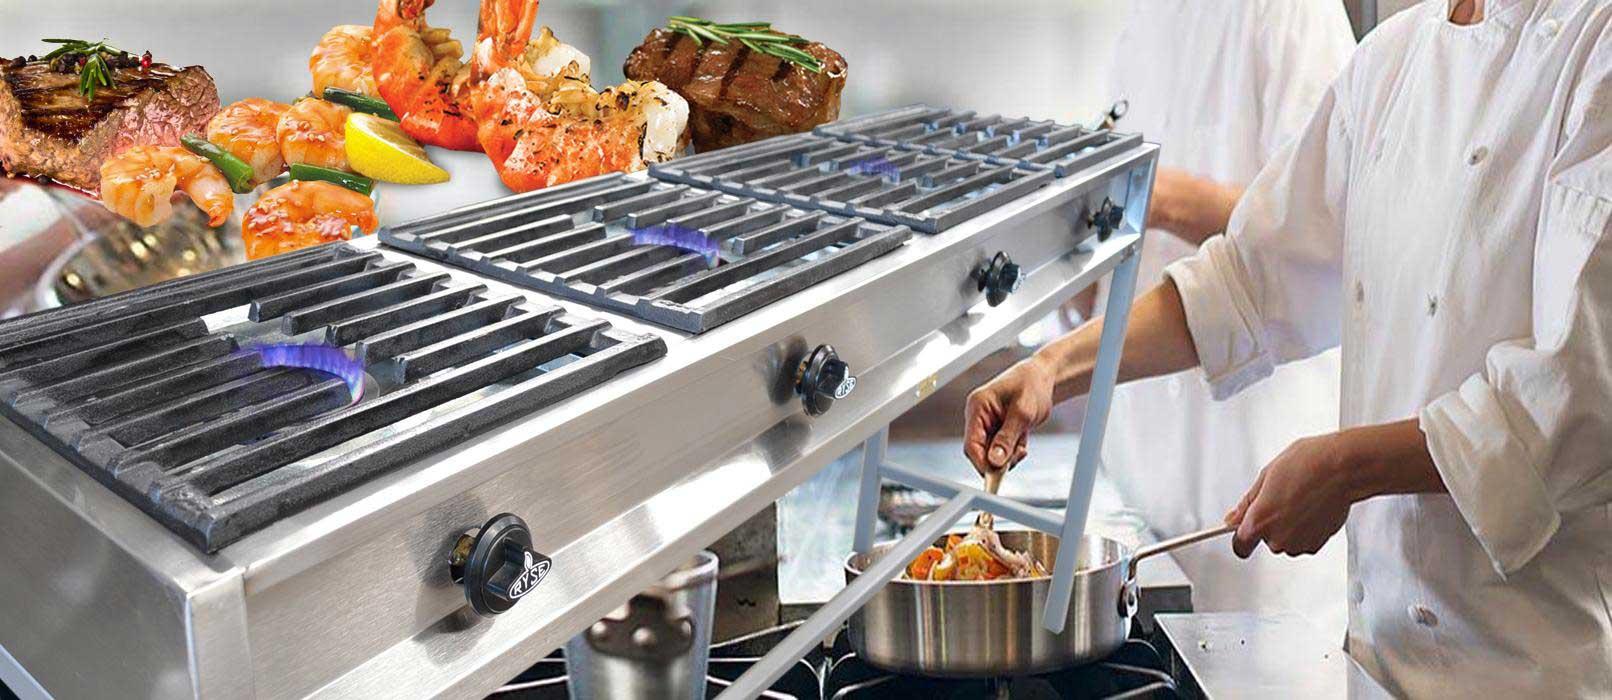 Equipos para restaurantes equipotecnia for Equipos restaurante